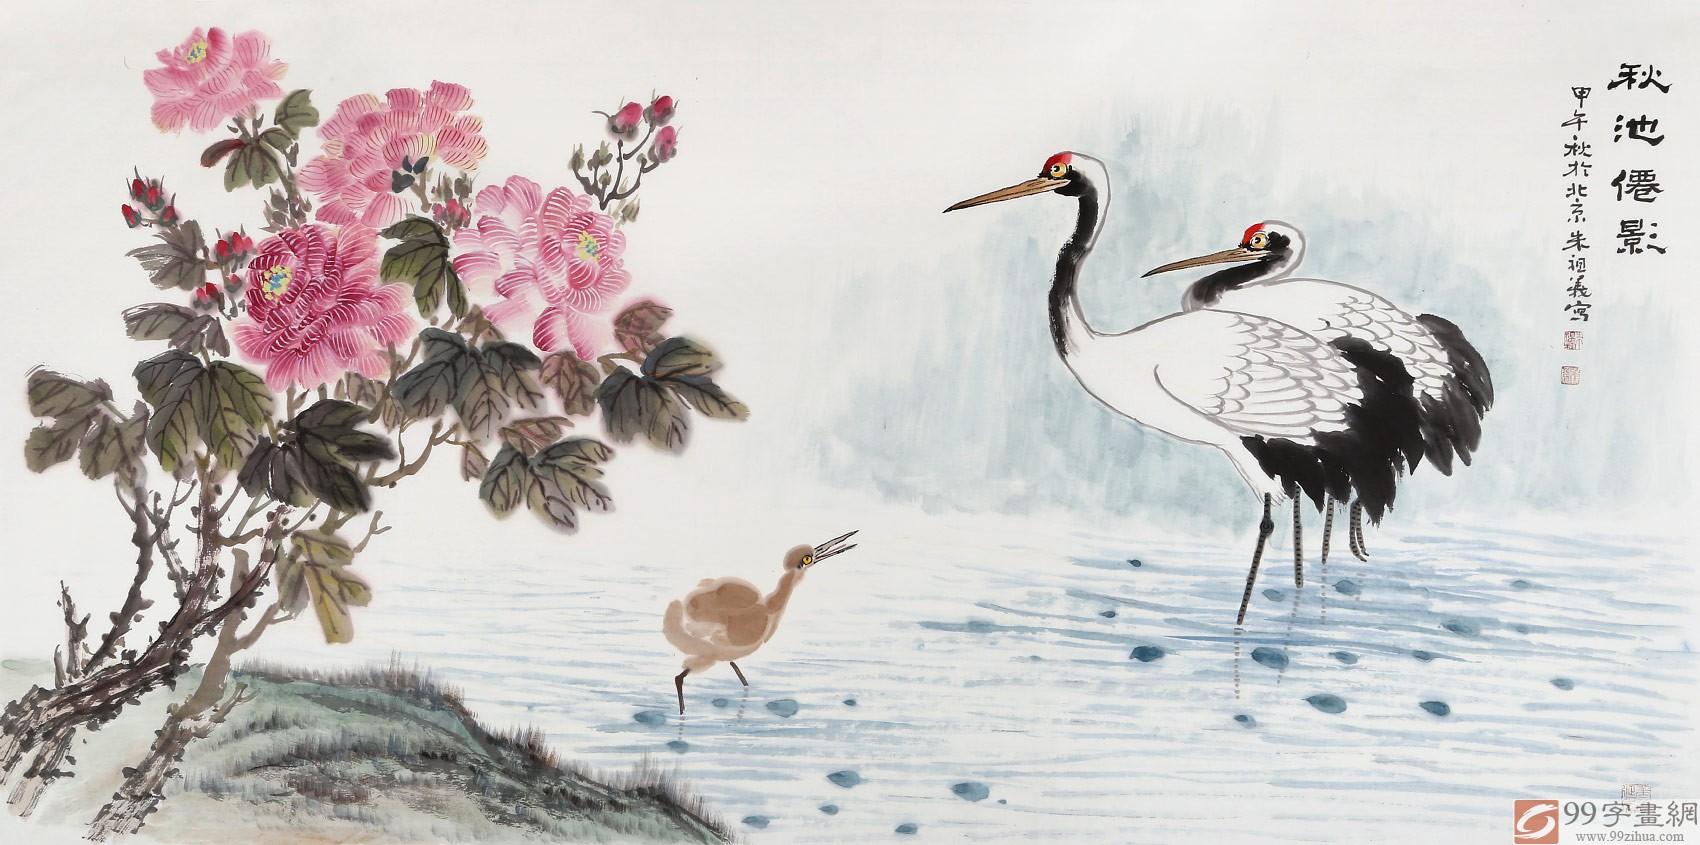 朱祖义 四尺国画仙鹤《秋池仙影》 中国老子书画院副